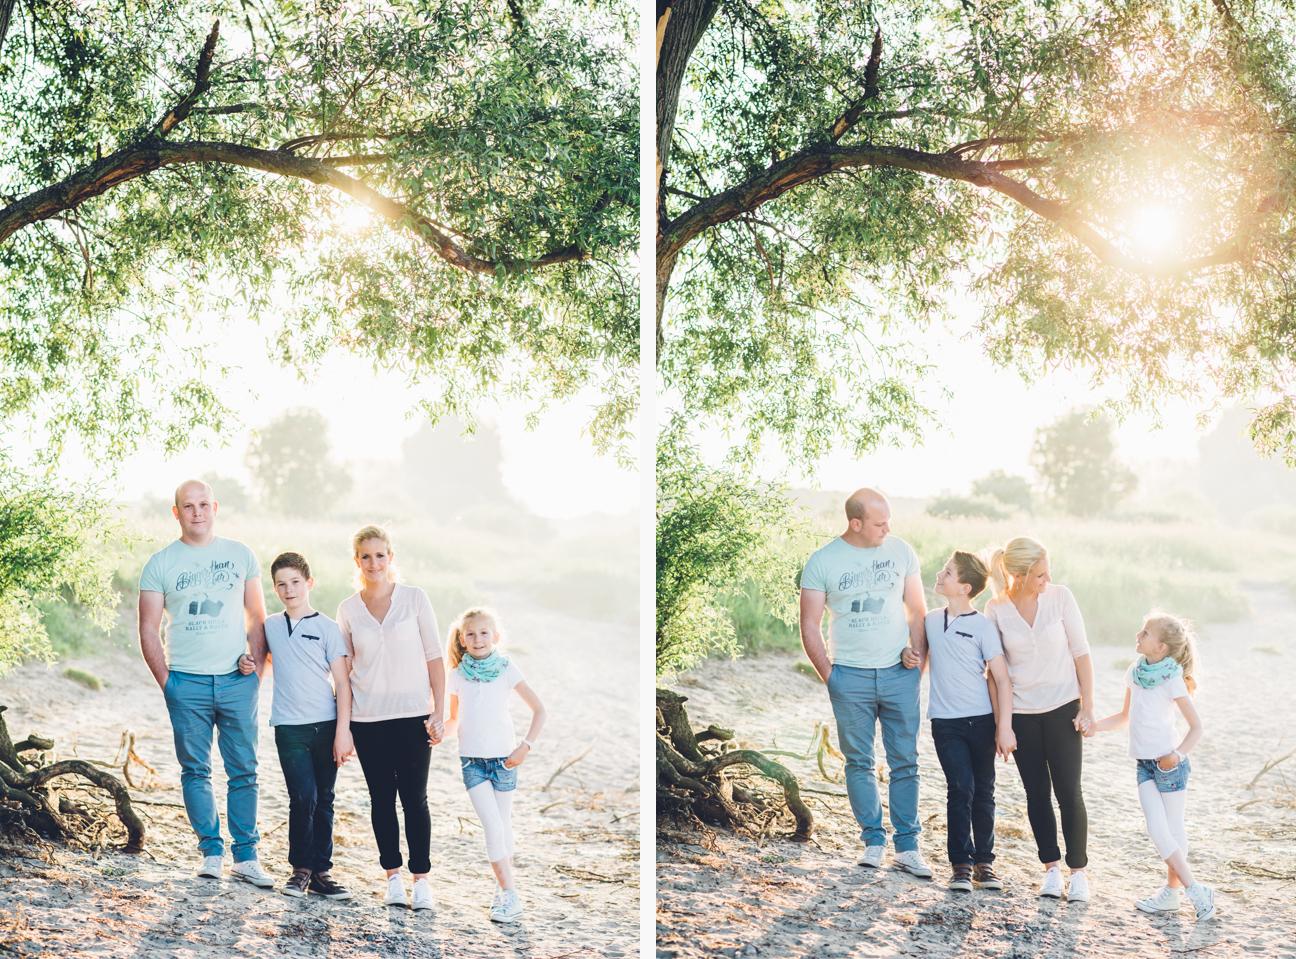 familienportraits_koeln-3